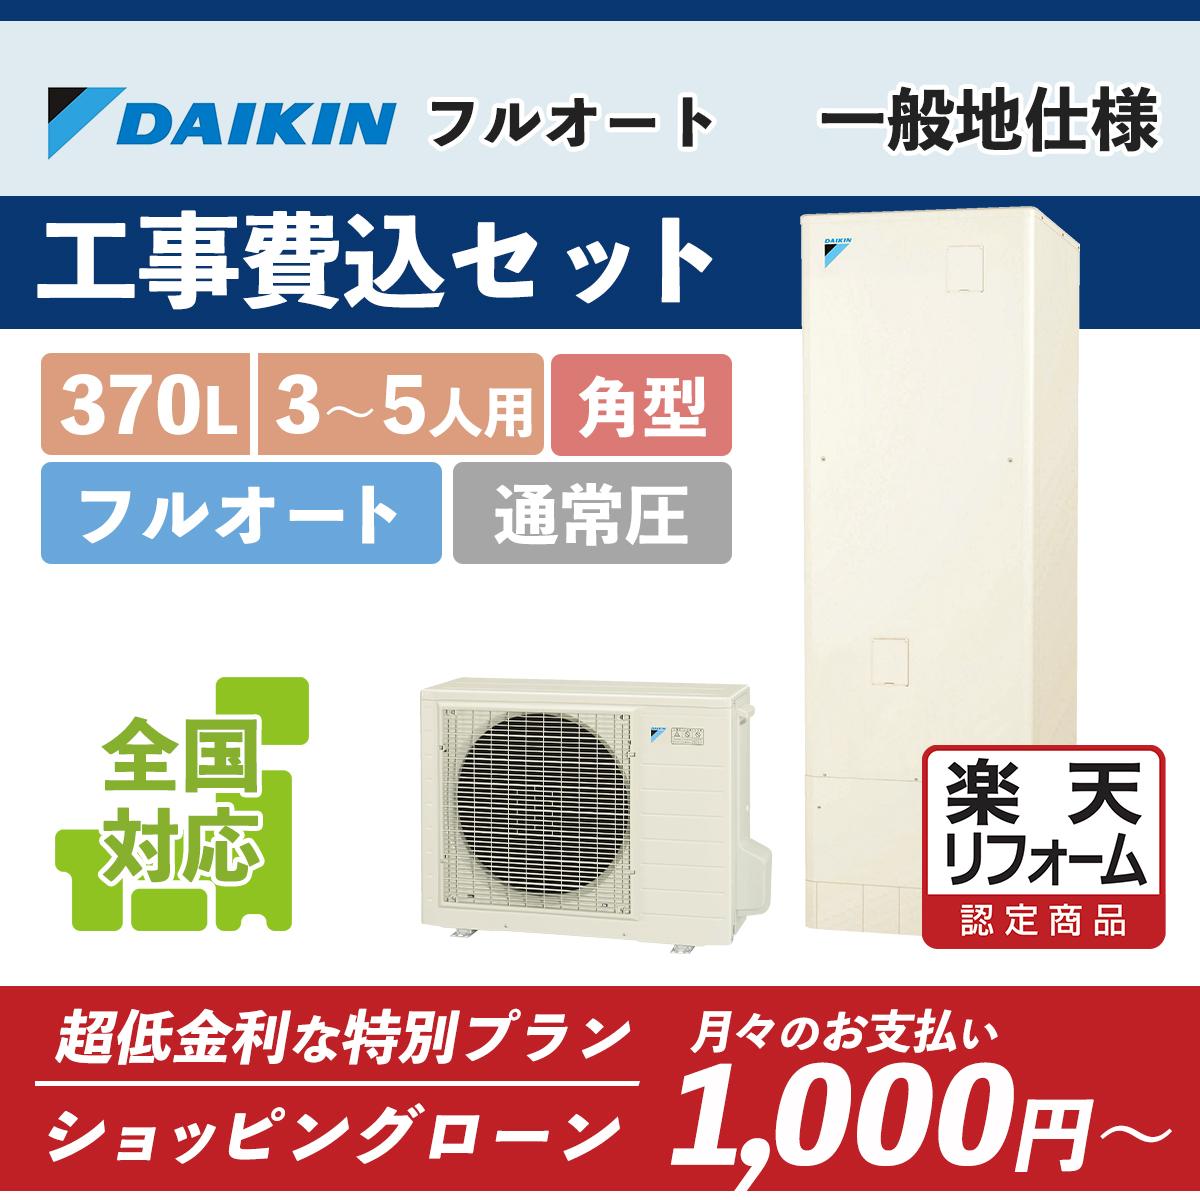 【リフォーム認定商品】EQN37UFV|ダイキン 角型 370L|エコキュート工事費込み!全国対応!リモコンセット,給湯器,フルオート,DAIKIN